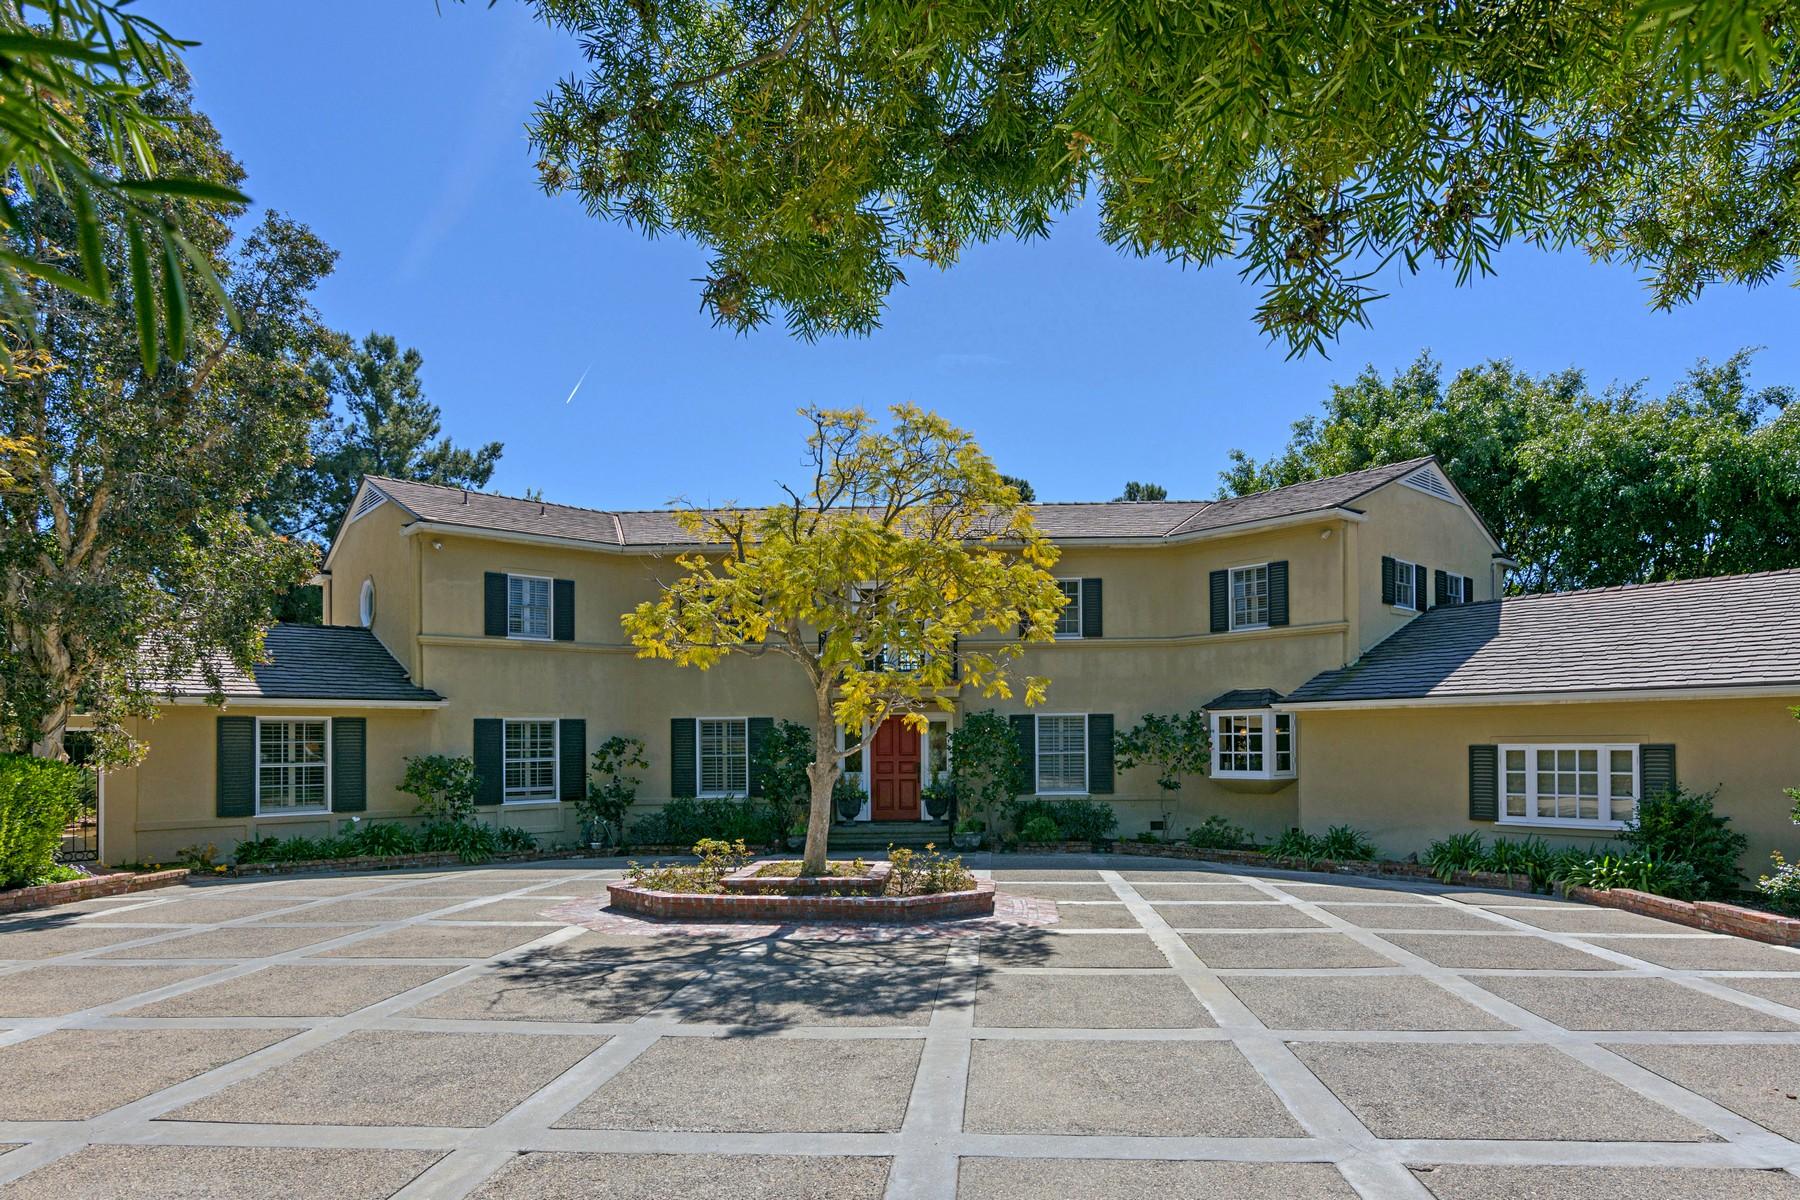 Single Family Home for Sale at 17617 Circa Del Norte 17617 Circa Del Norte Rancho Santa Fe, California 92067 United States